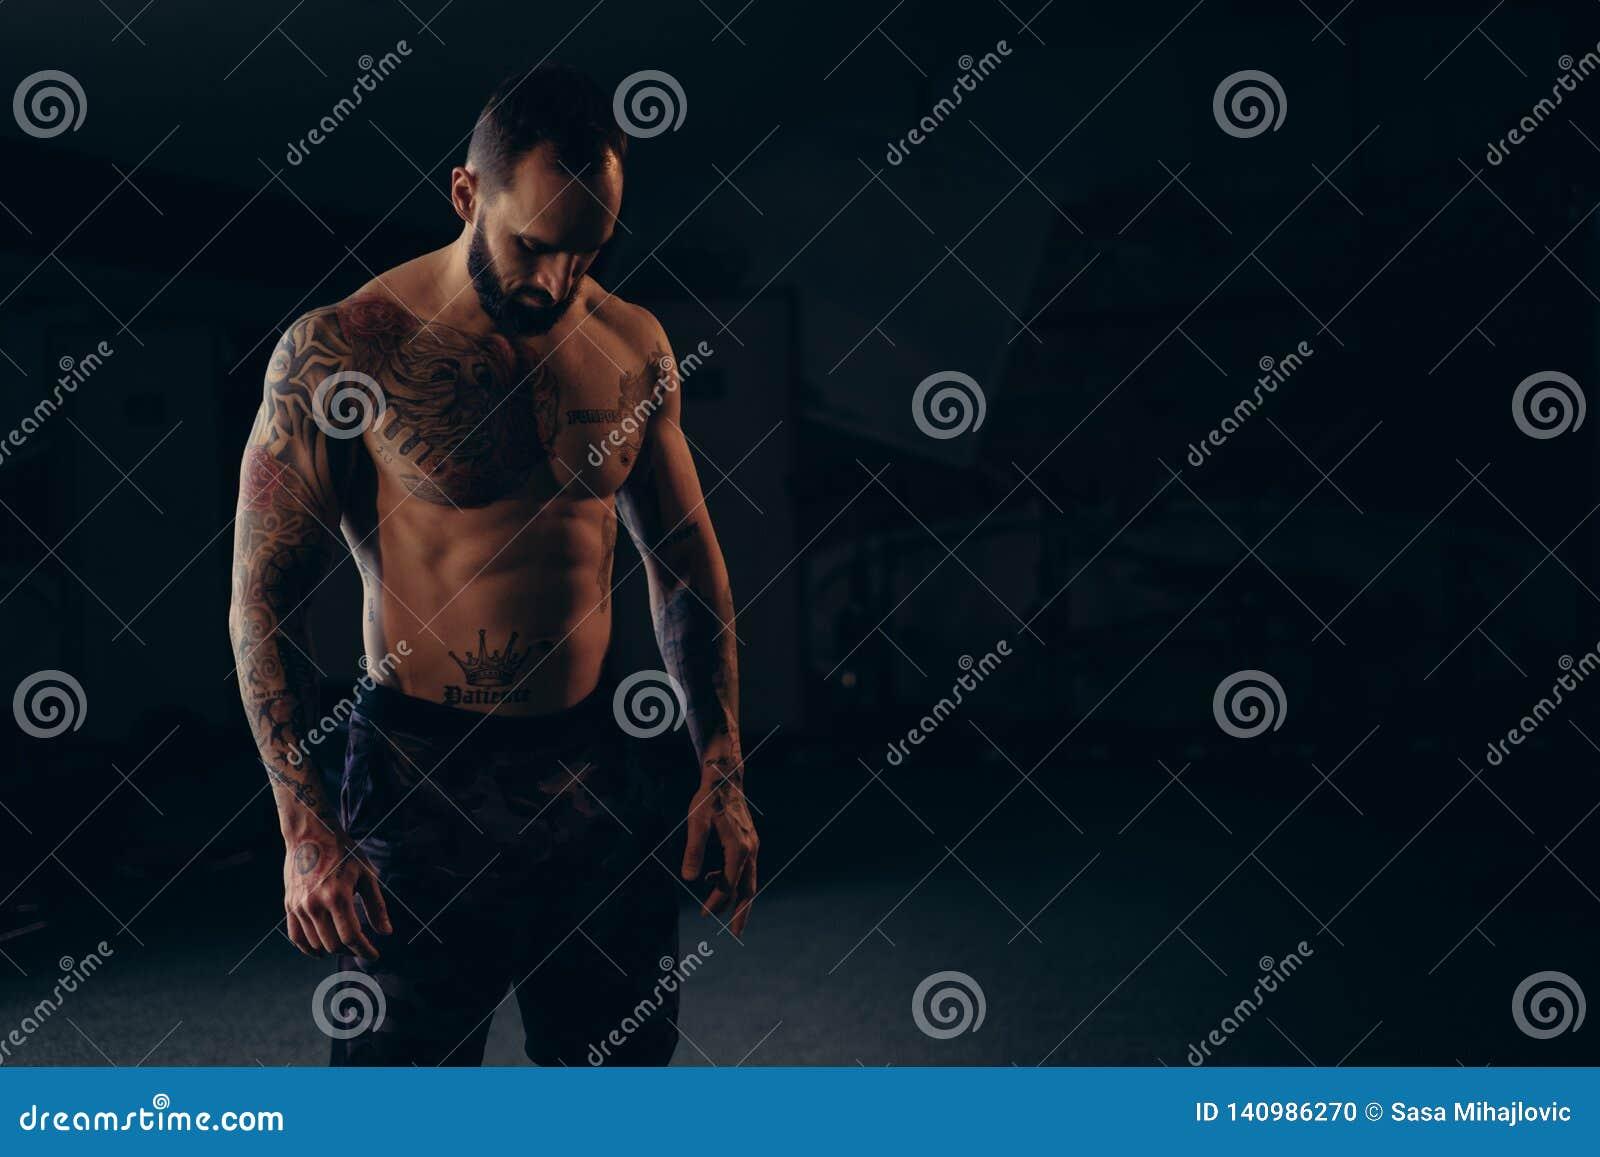 Без рубашки сконцентрированный мужской спортсмен смотря на пол